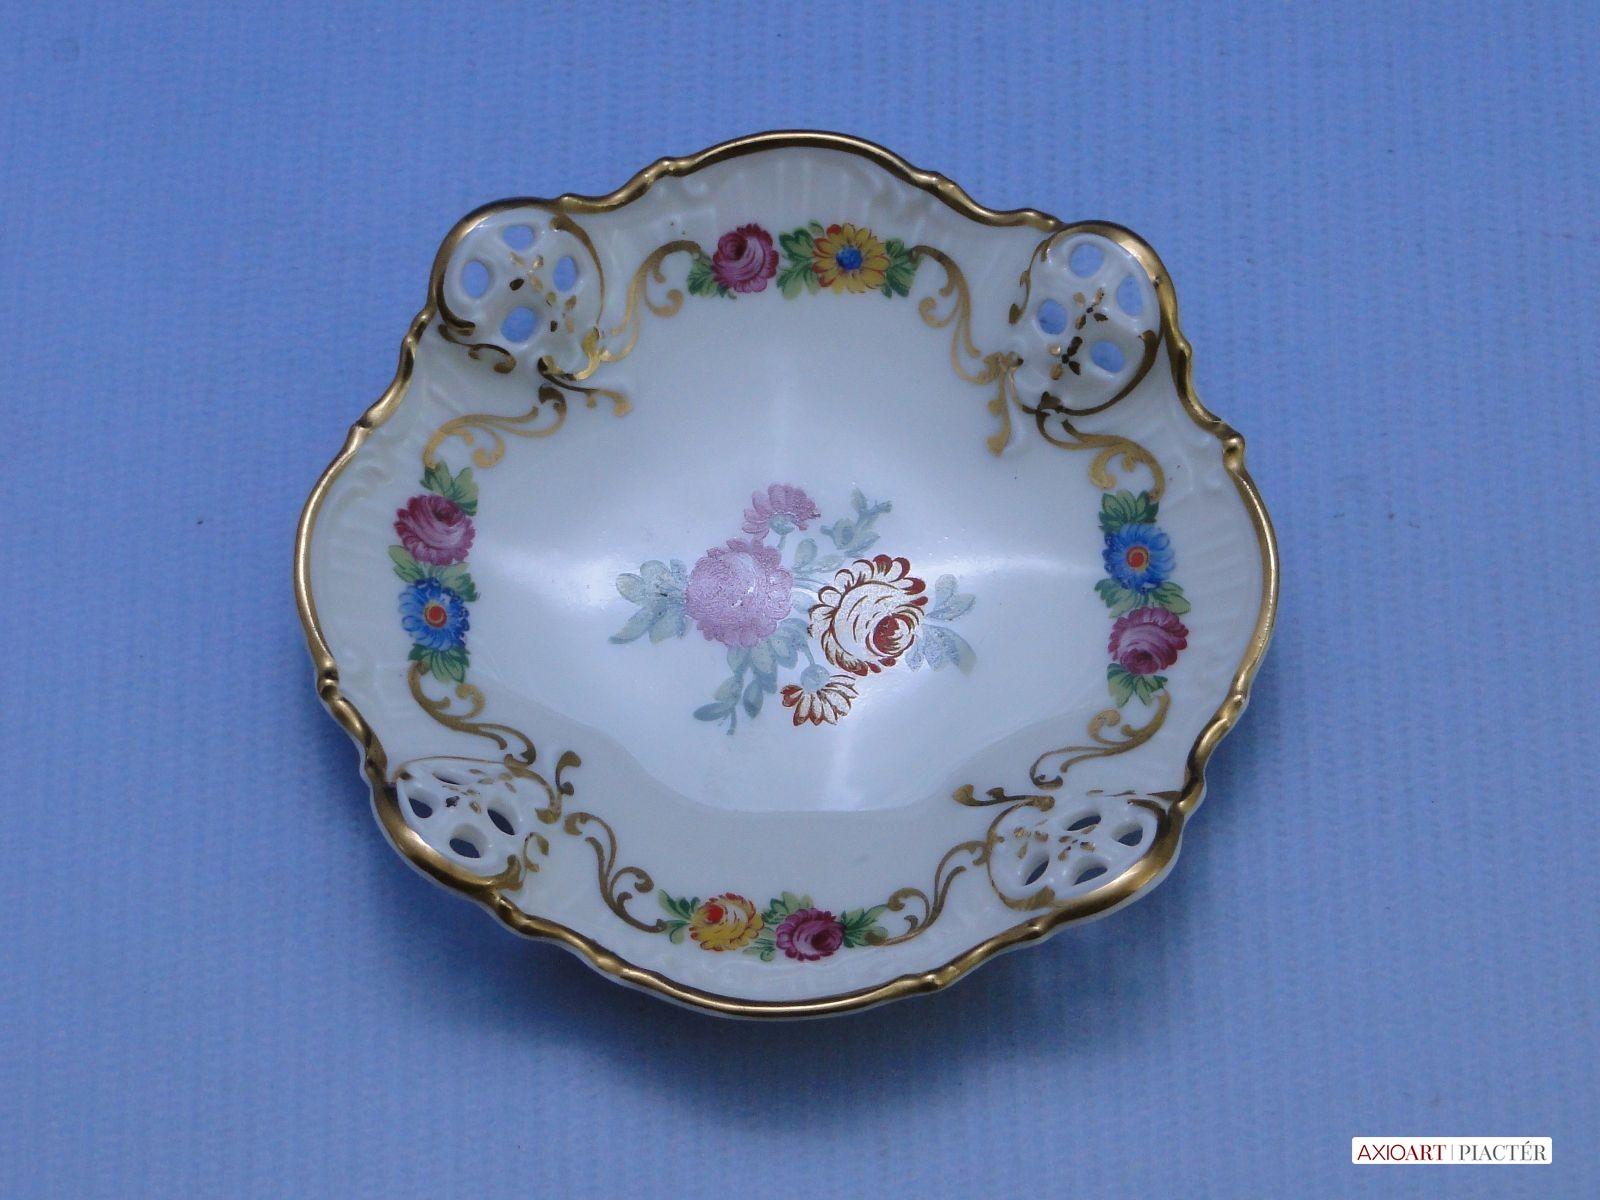 társkereső rosenthal porcelán jelek a randi app port